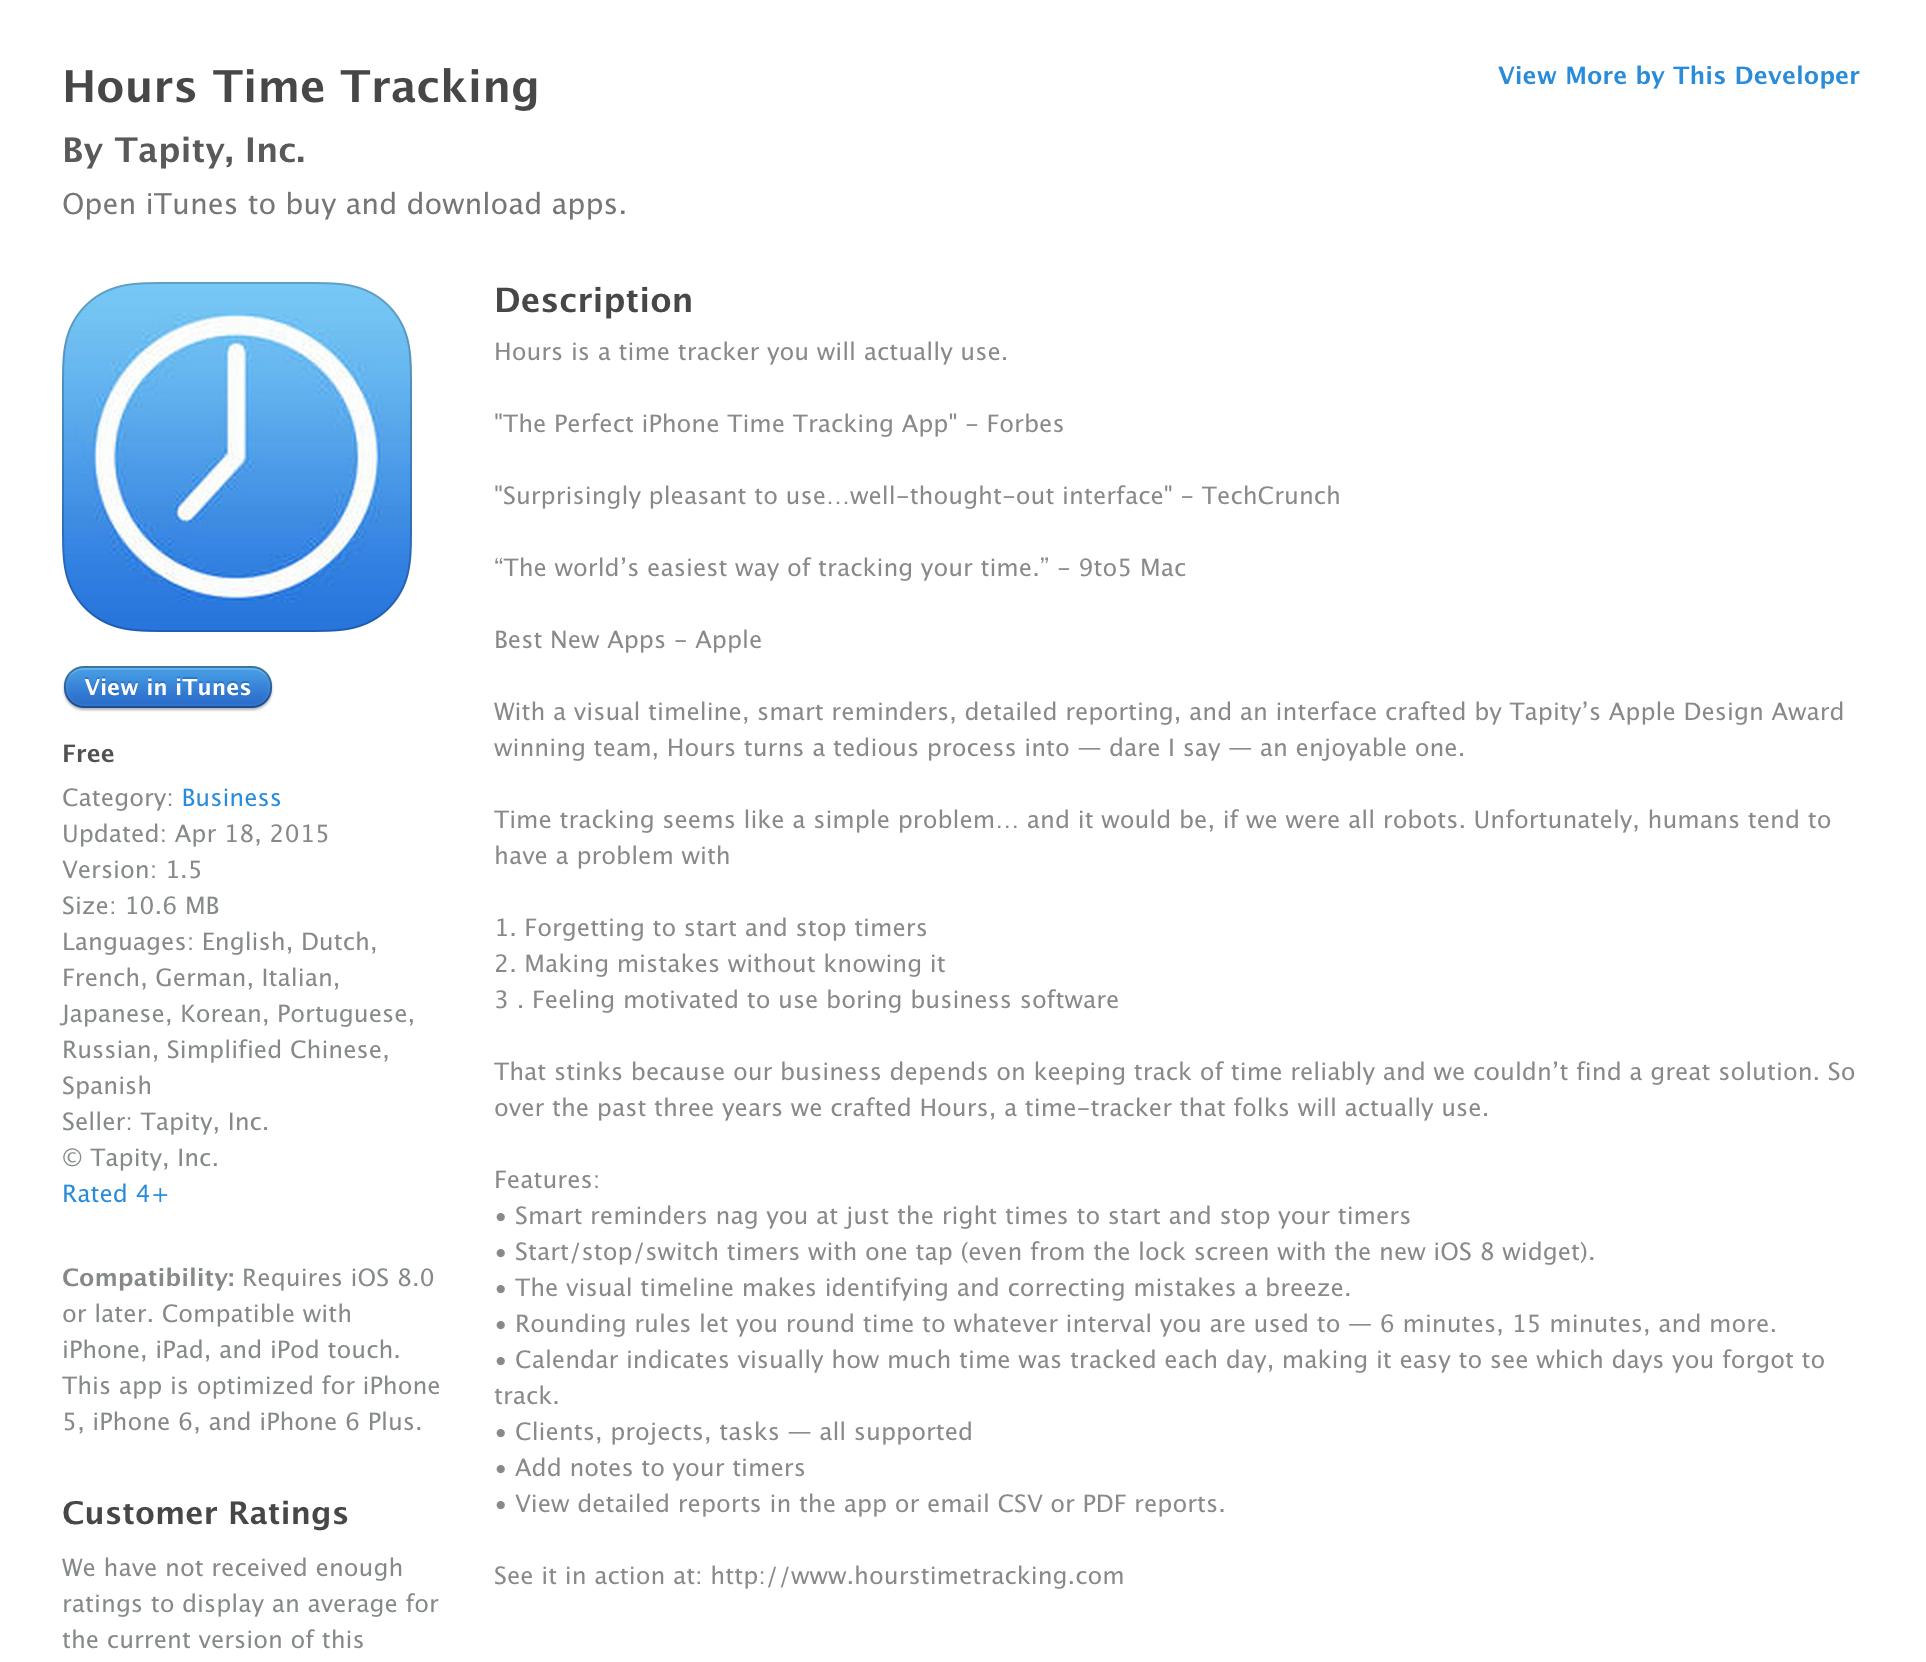 Hours Time Tracking app from Apple Design Award winner